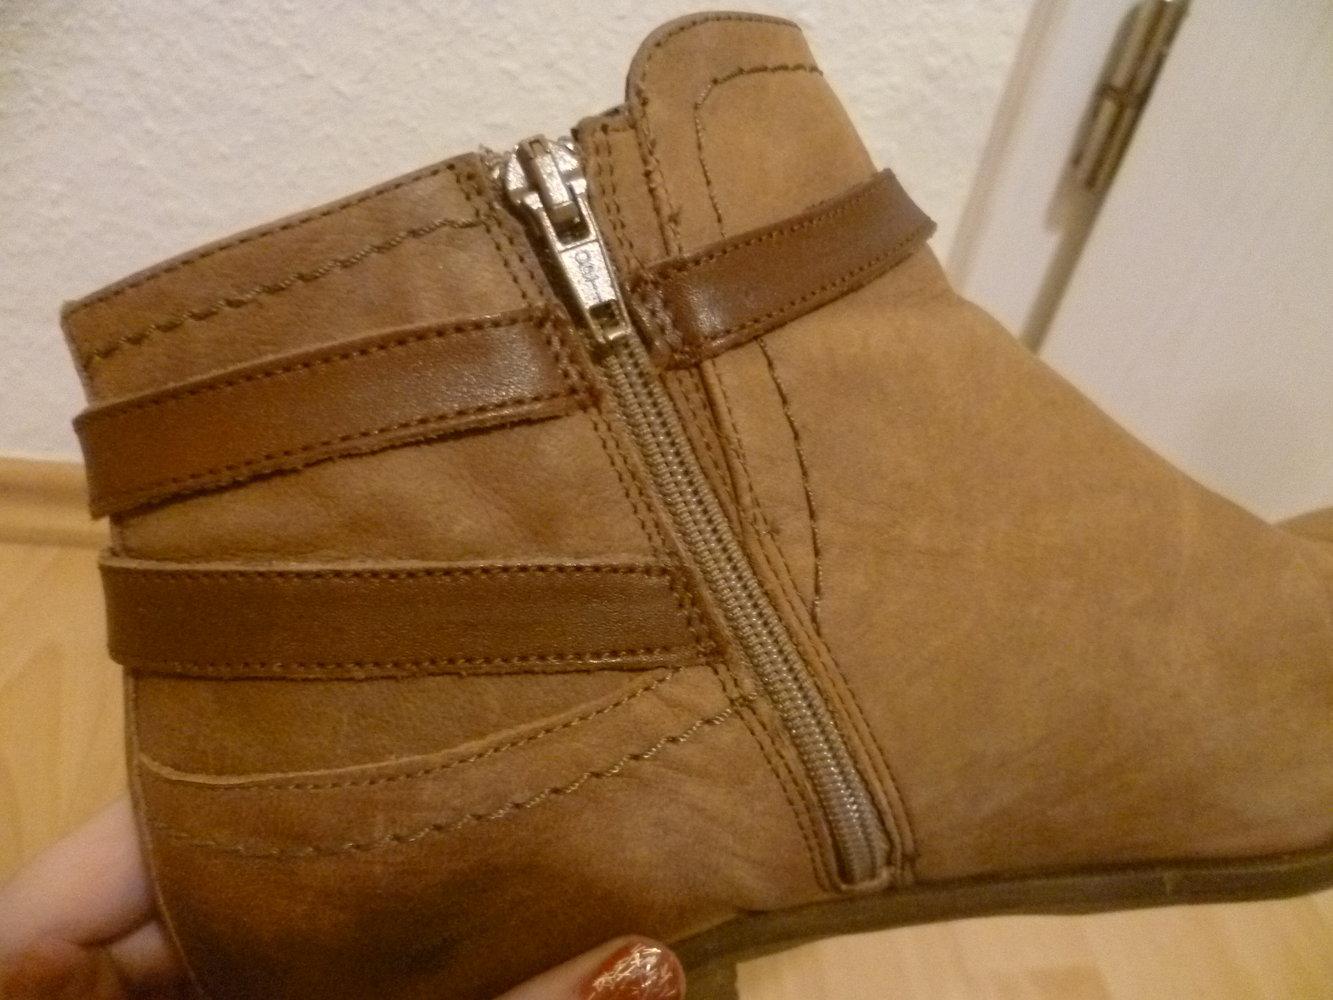 Braune Stiefeletten von 5th Avenue, Deichmann, echtes Leder, Ankle Boots, Winter, Herbst, Blogger